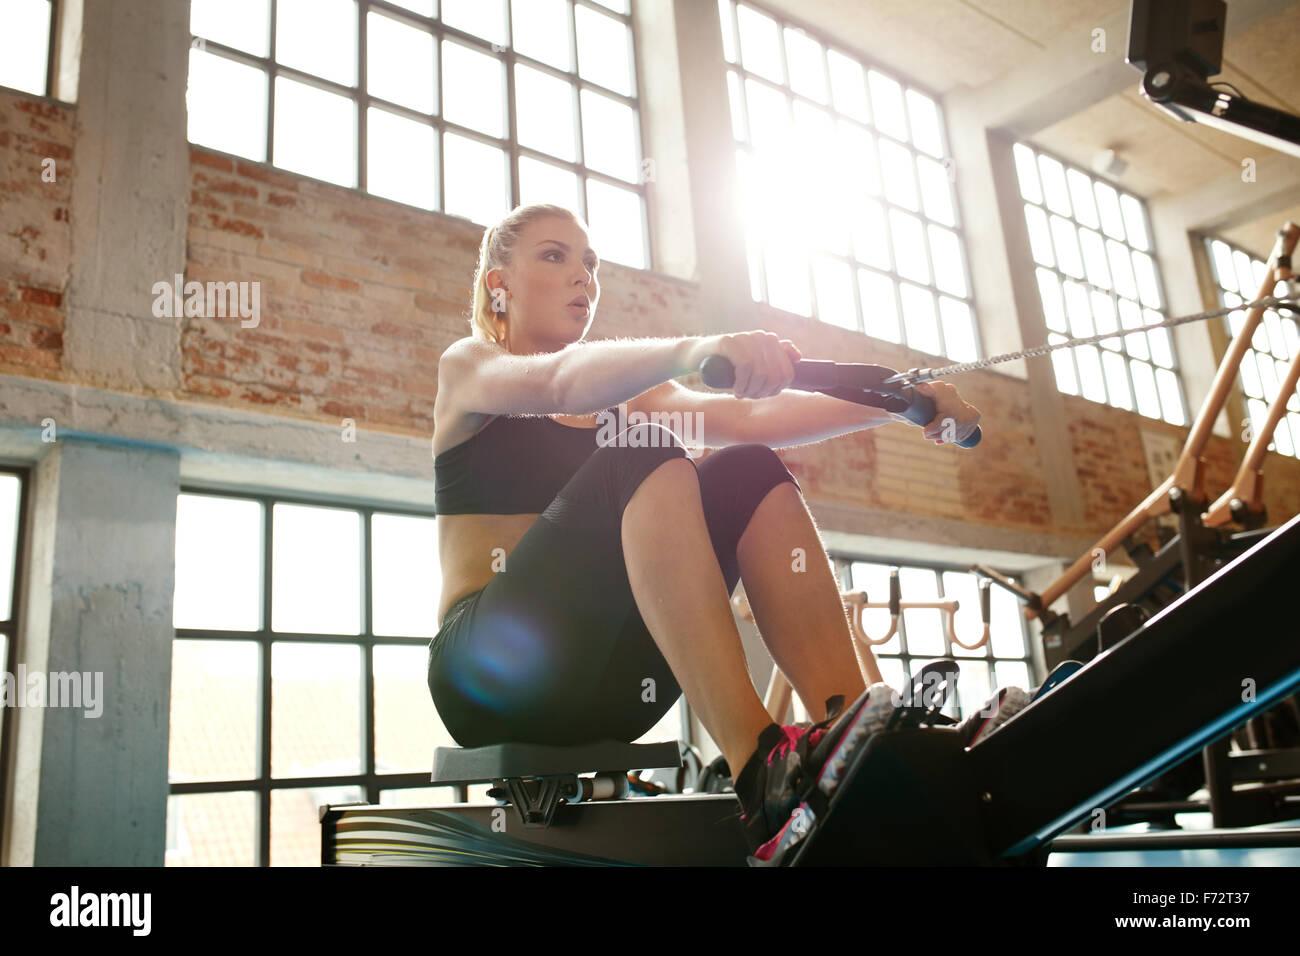 Joven mujer caucásica haciendo ejercicios en máquina de fitness en el gimnasio. Hembra con máquina Imagen De Stock